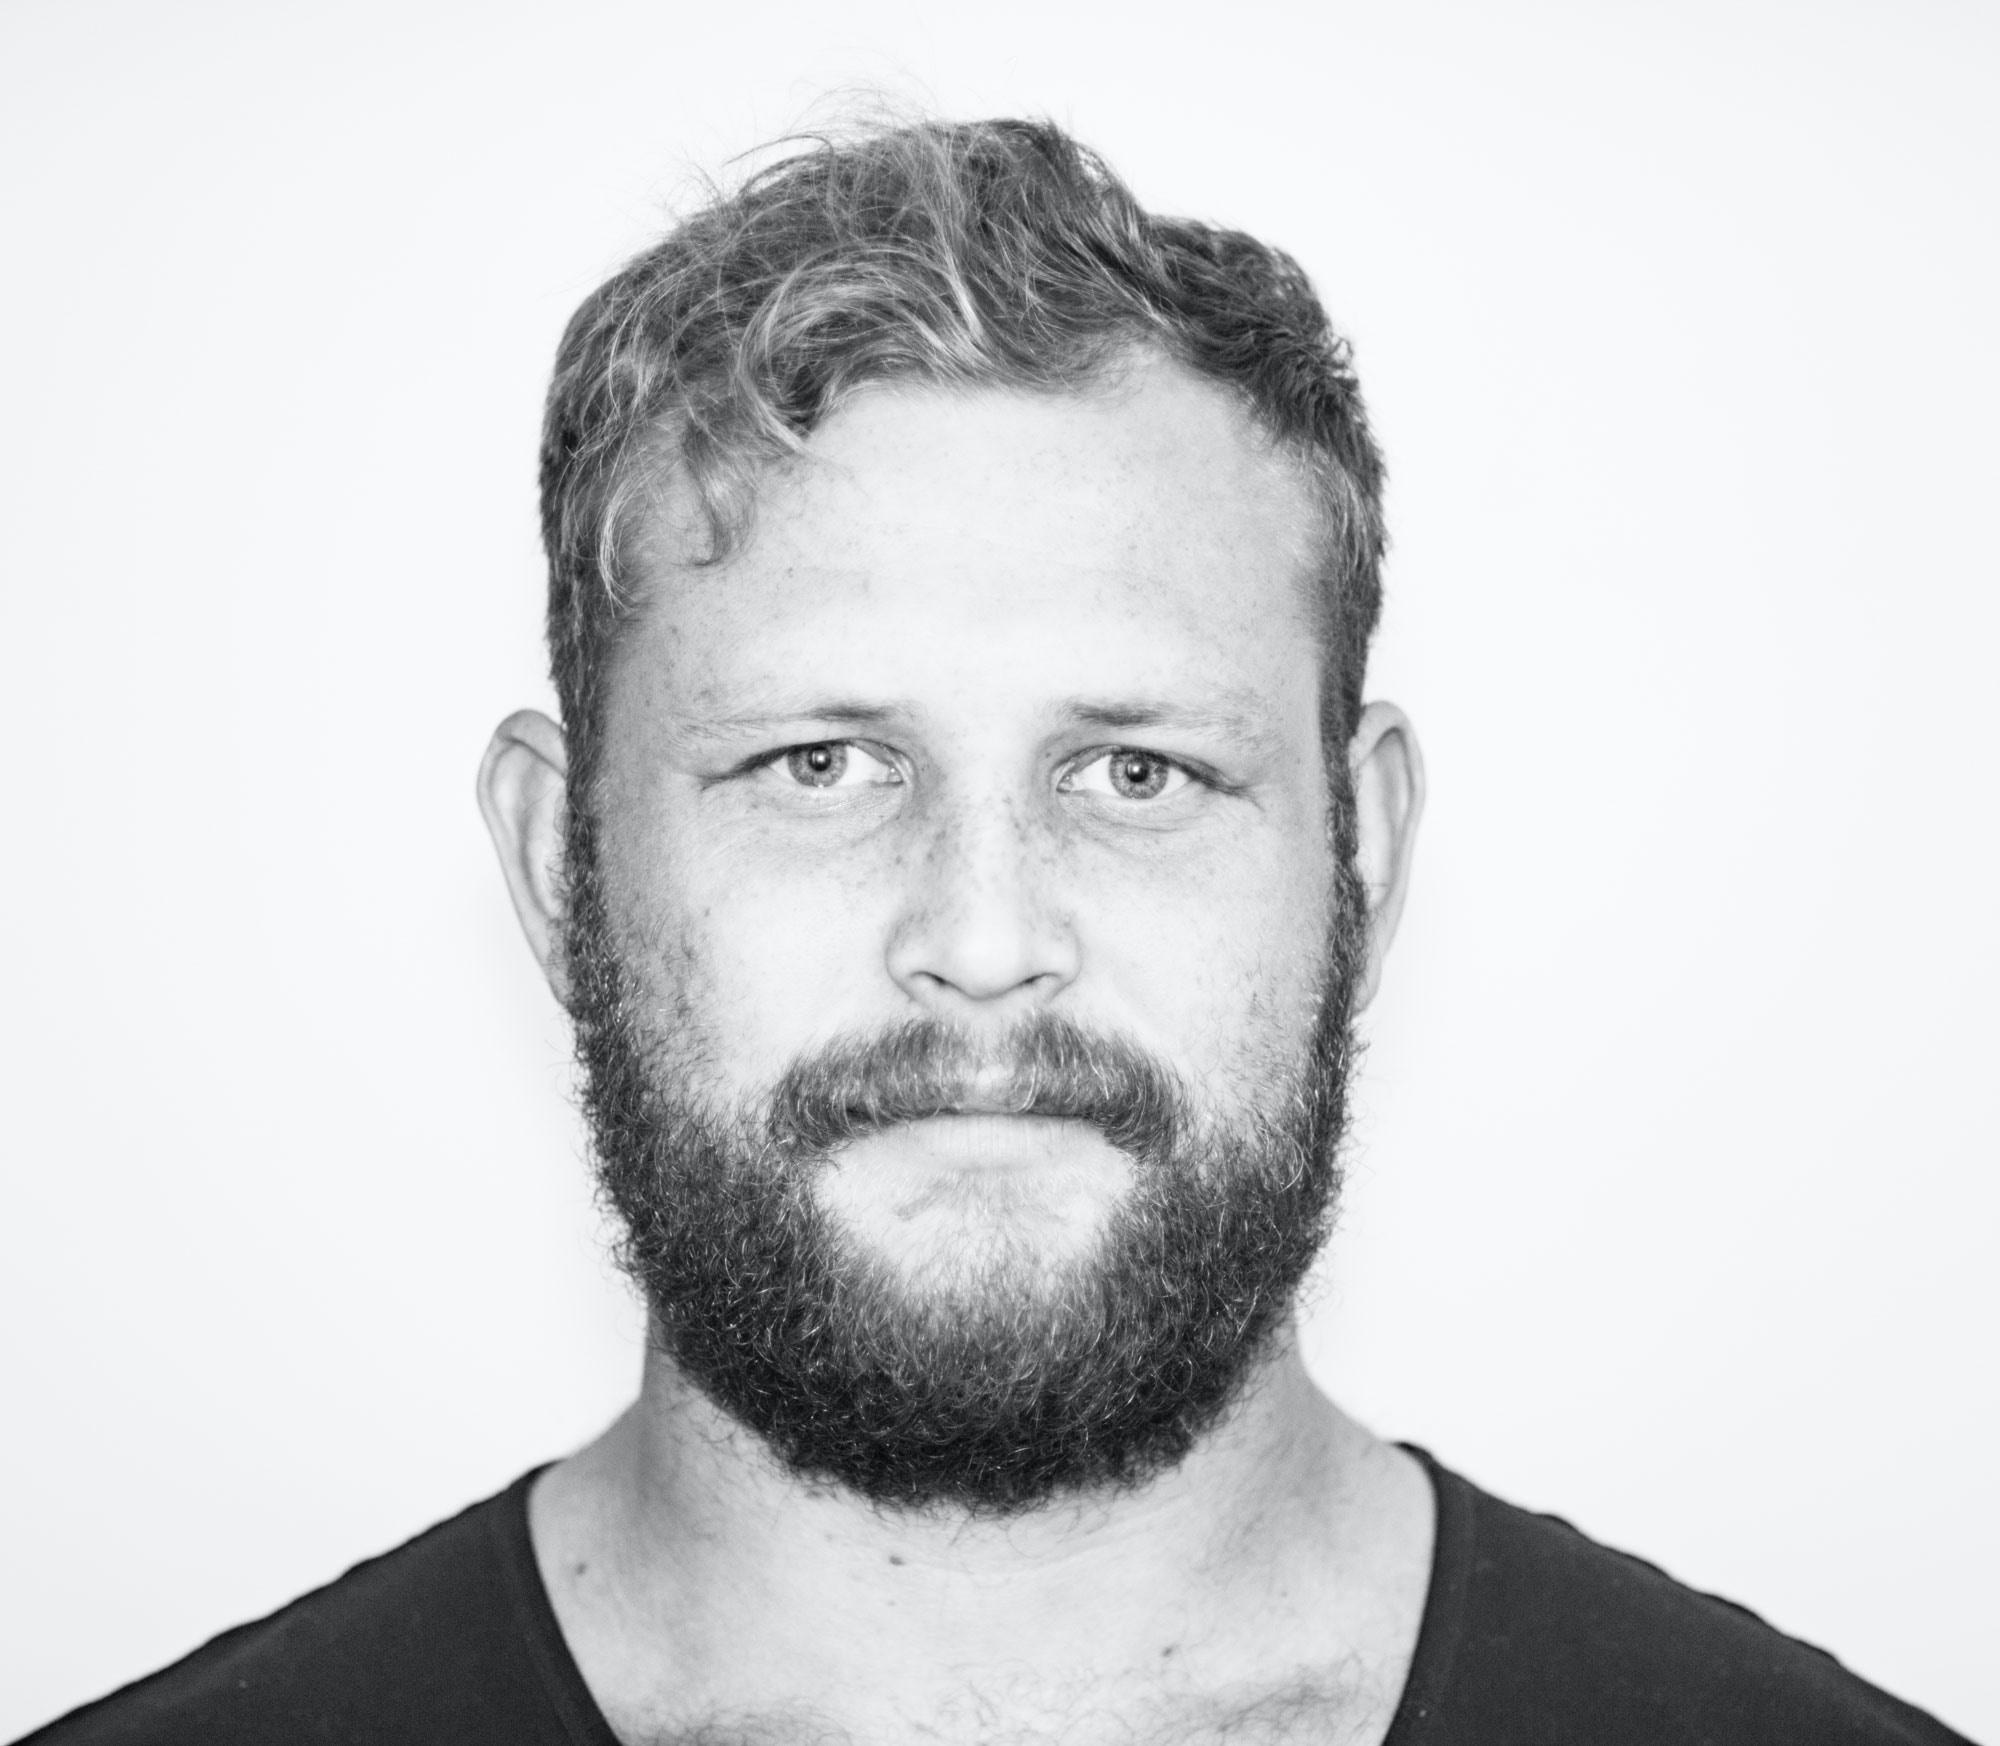 Go to Josh Post's profile